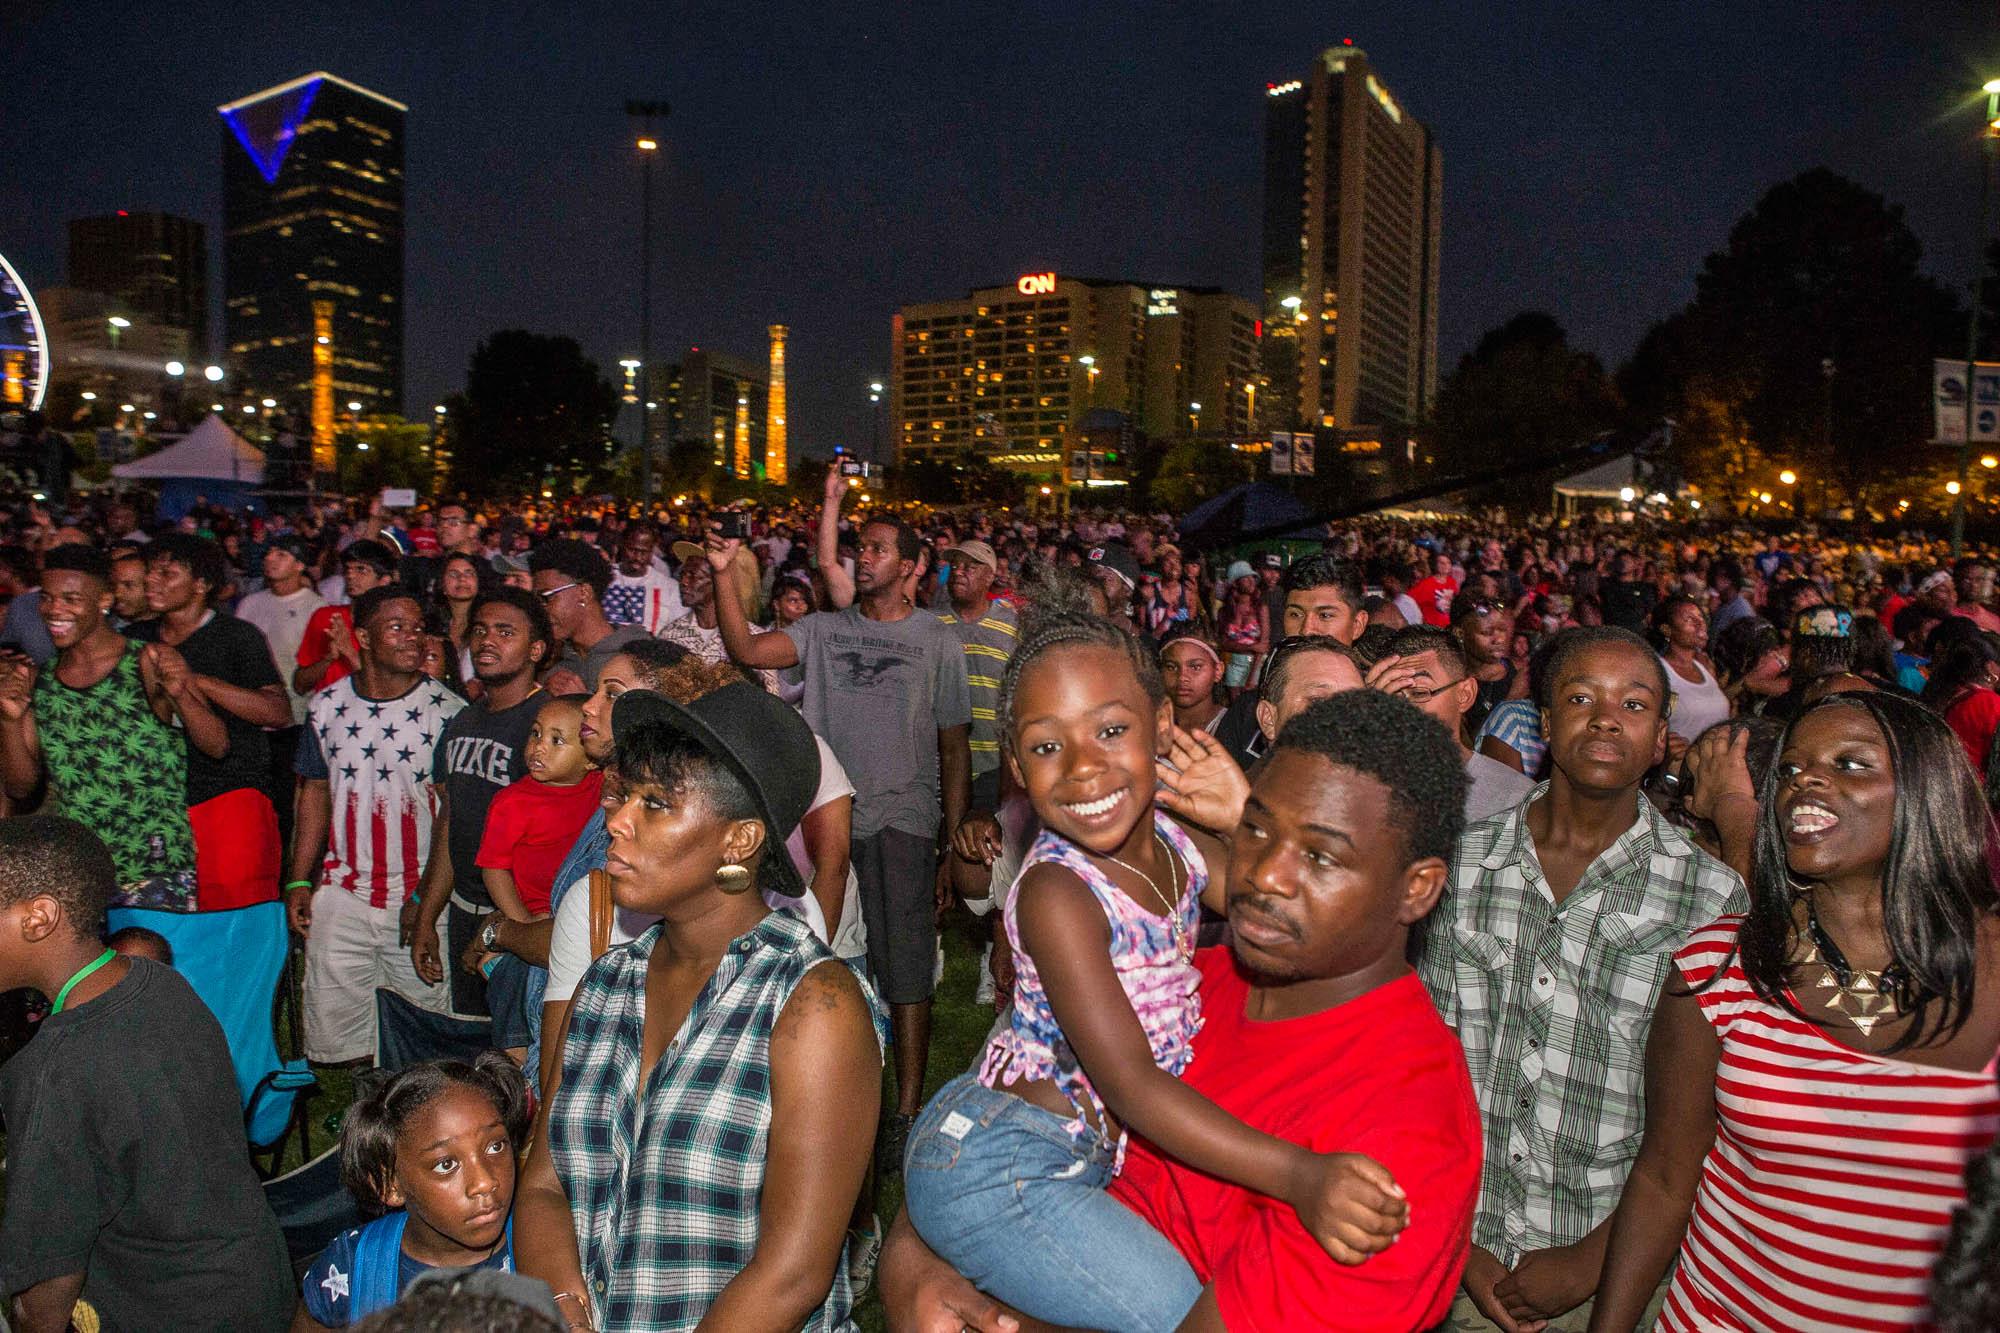 Men, women and children watching outdoor concert (© AP Images)